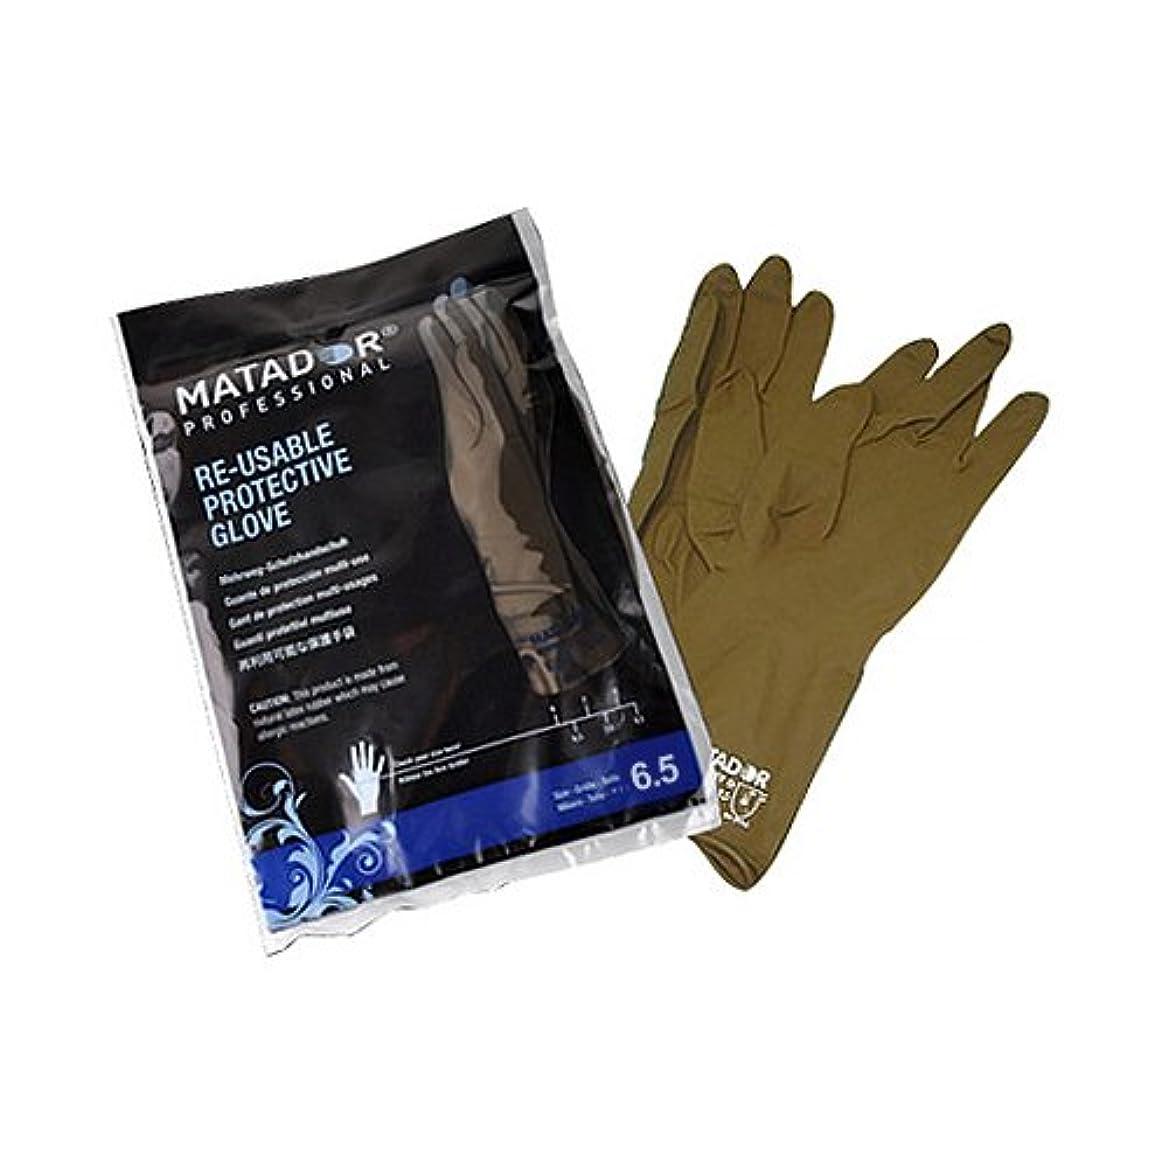 マタドールゴム手袋 6.5吋 【5個セット】